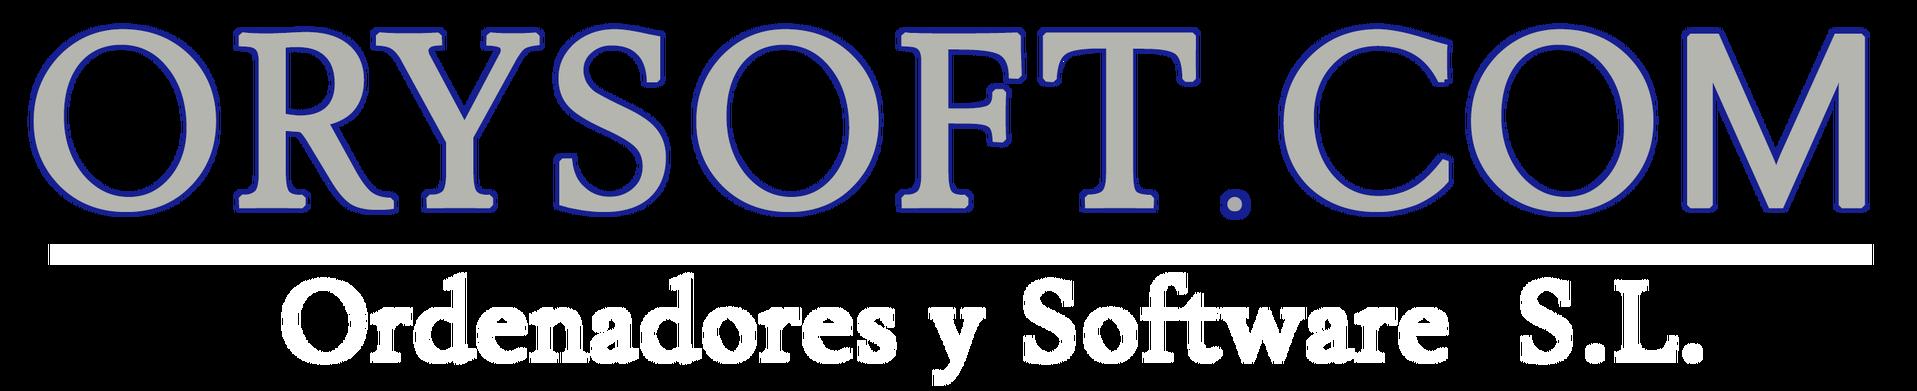 Ordenadores y Software S.L. - Orysoft